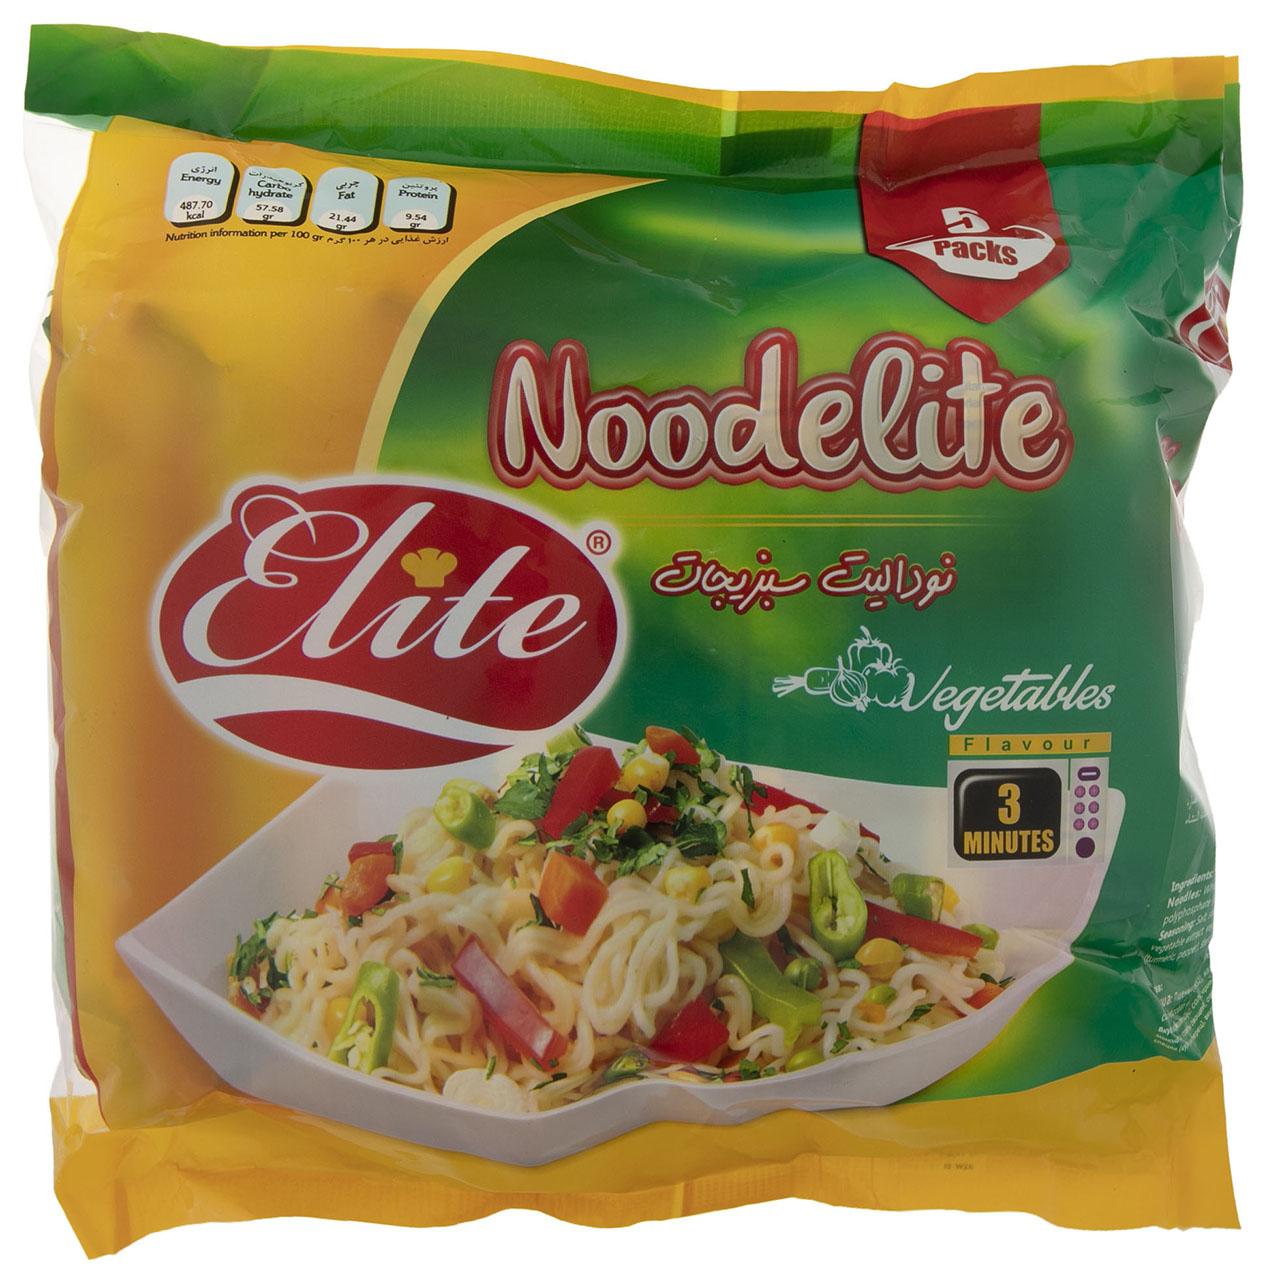 نودالیت با طعم سبزیجات الیت مقدار 375 گرم